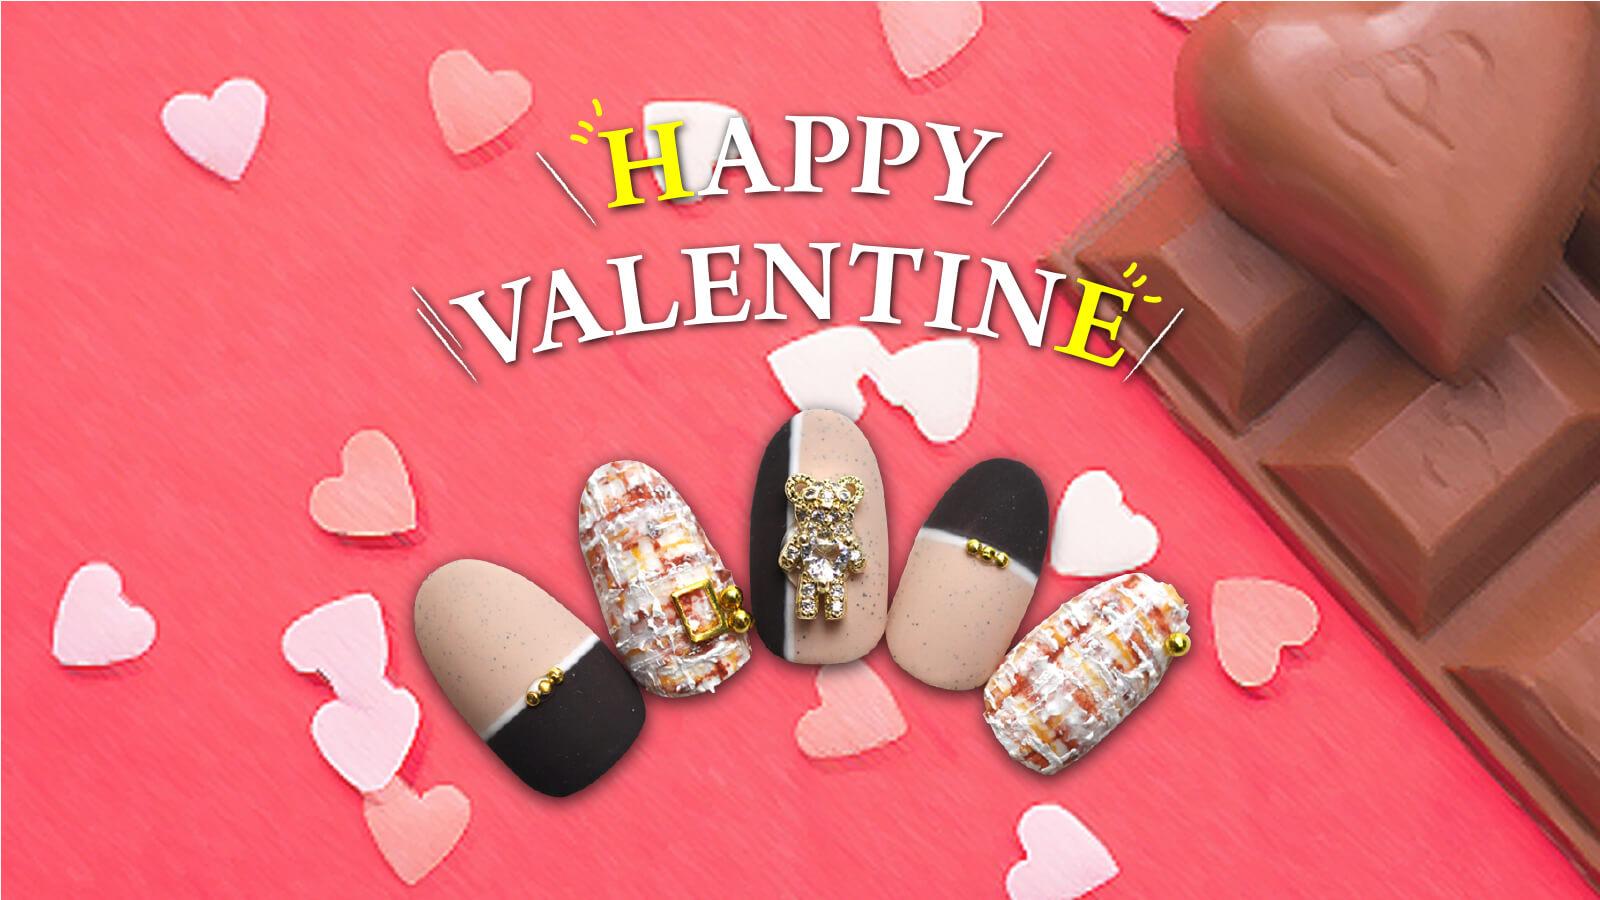 Hapy Valentine